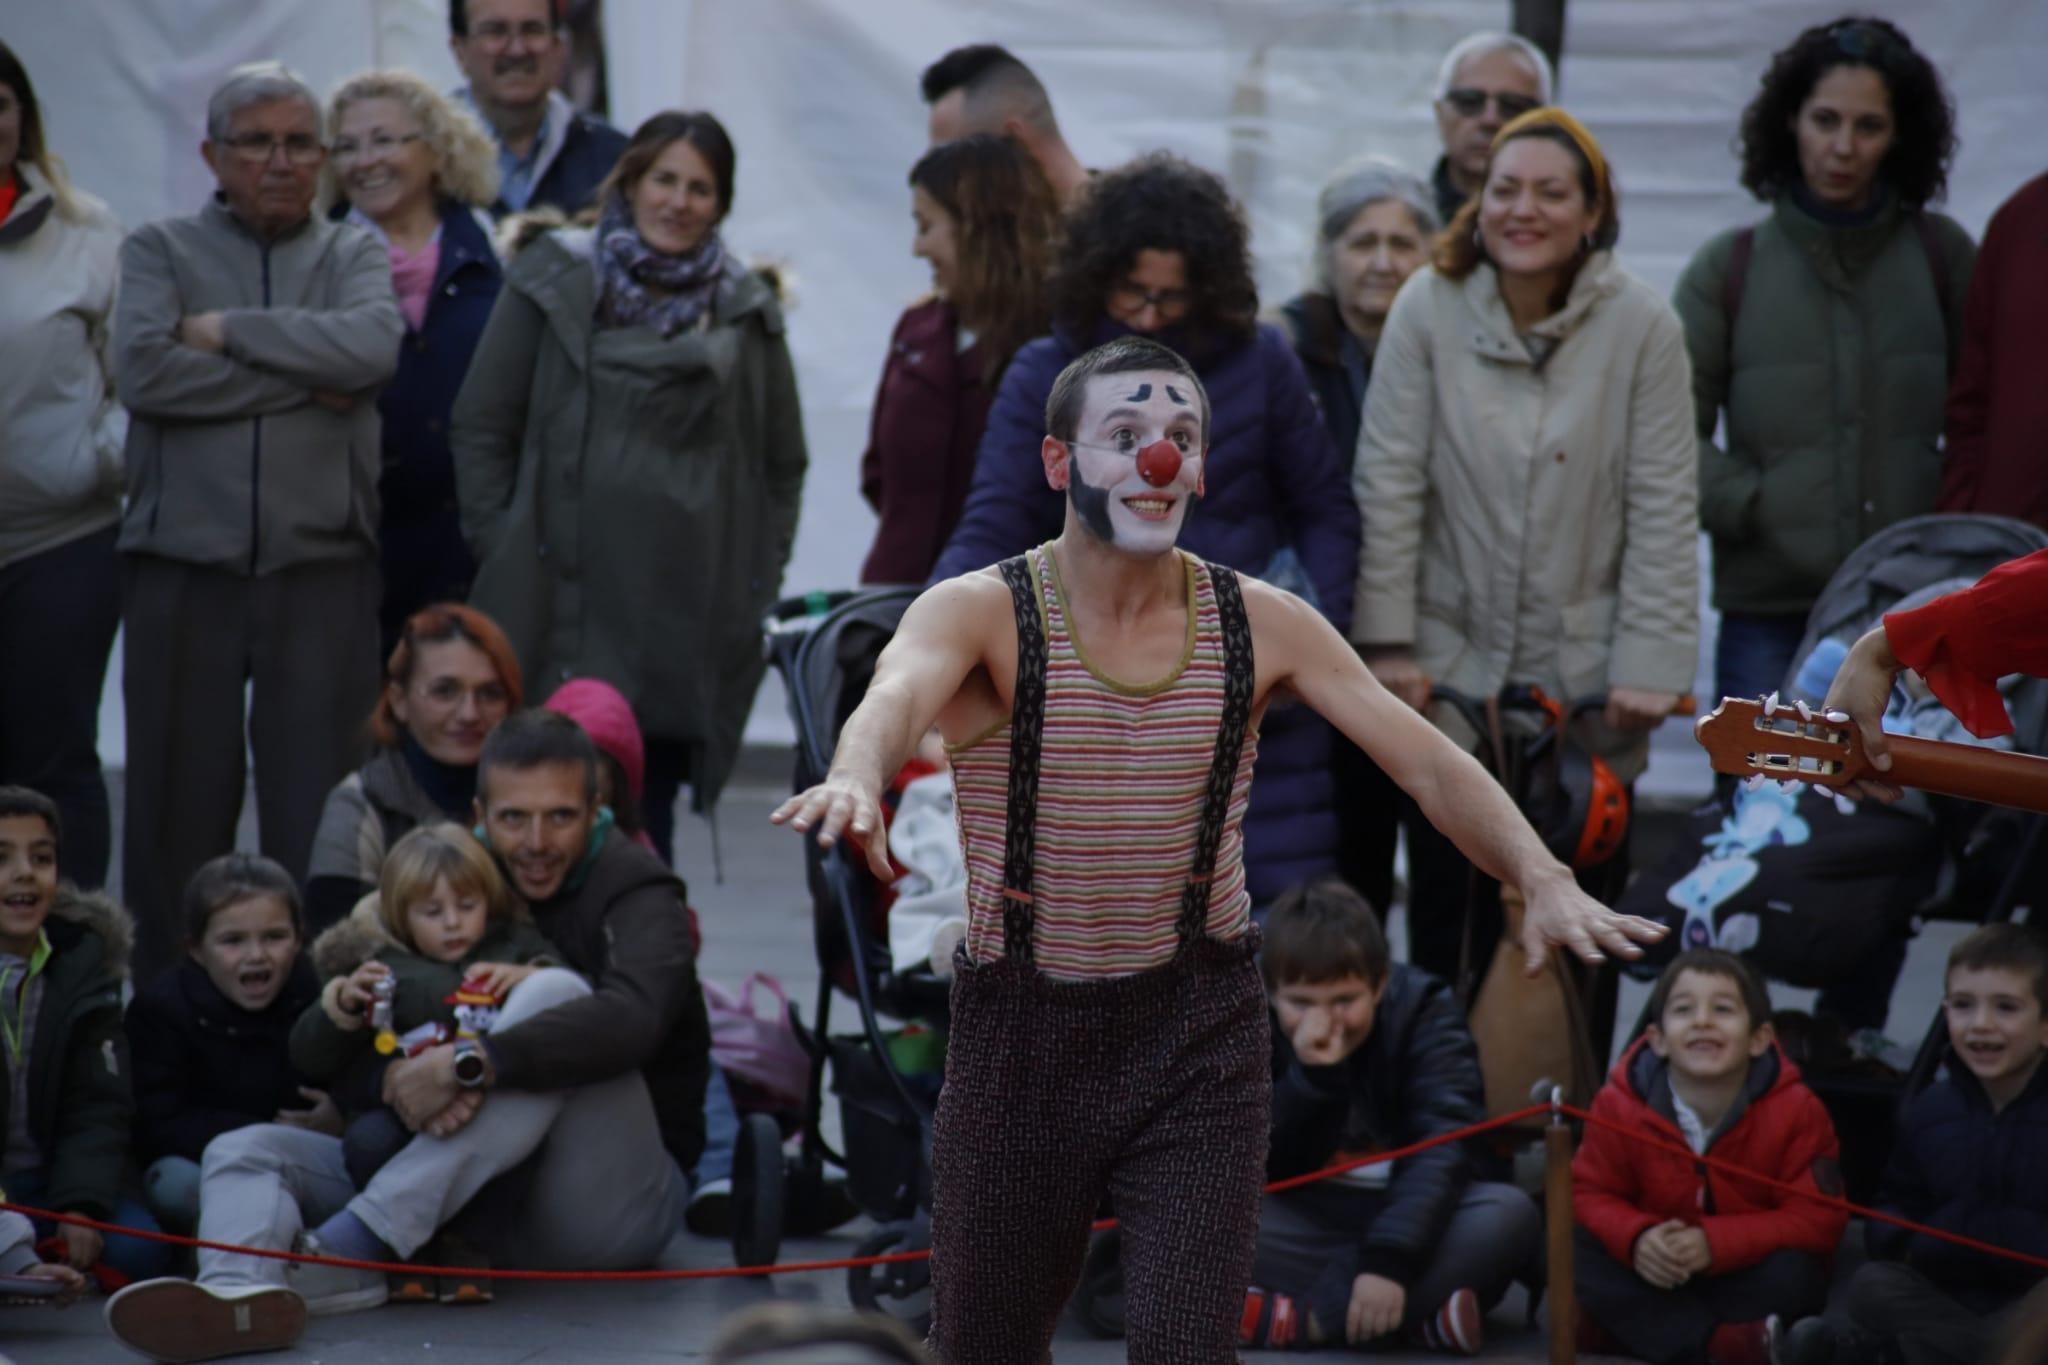 Espectacle infantil a la plaça de l'Abat Oliba. FOTO: Adrián Gómez